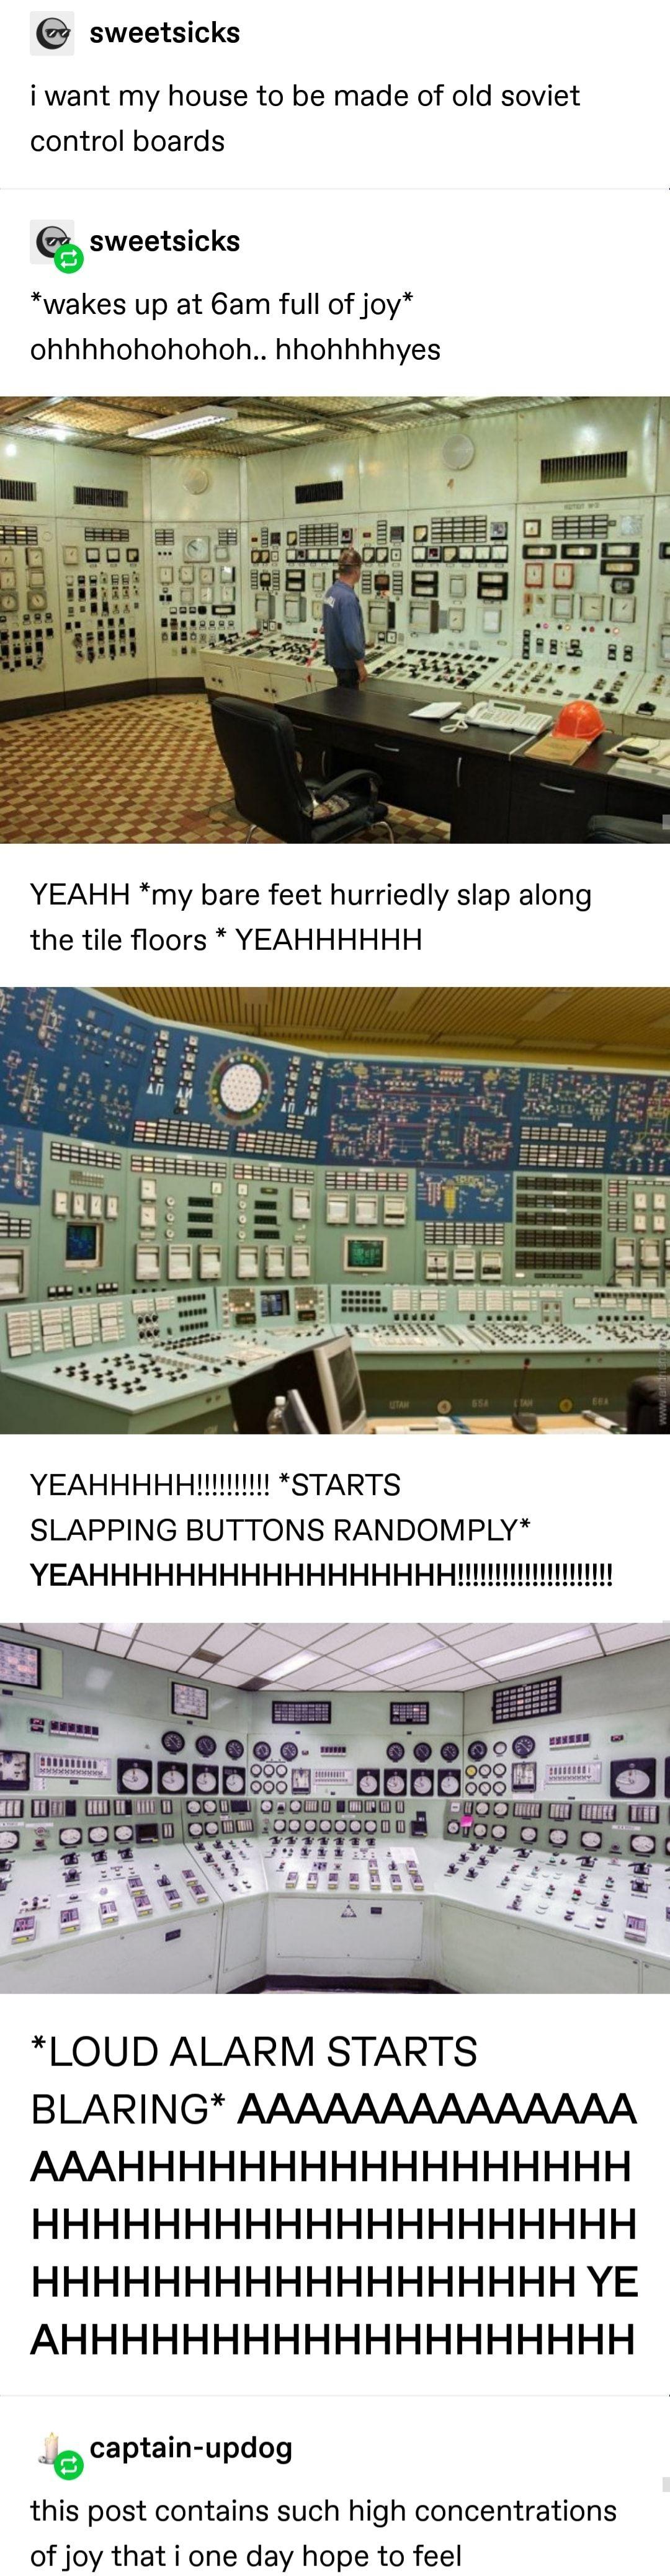 ядерная кнопка в ванной